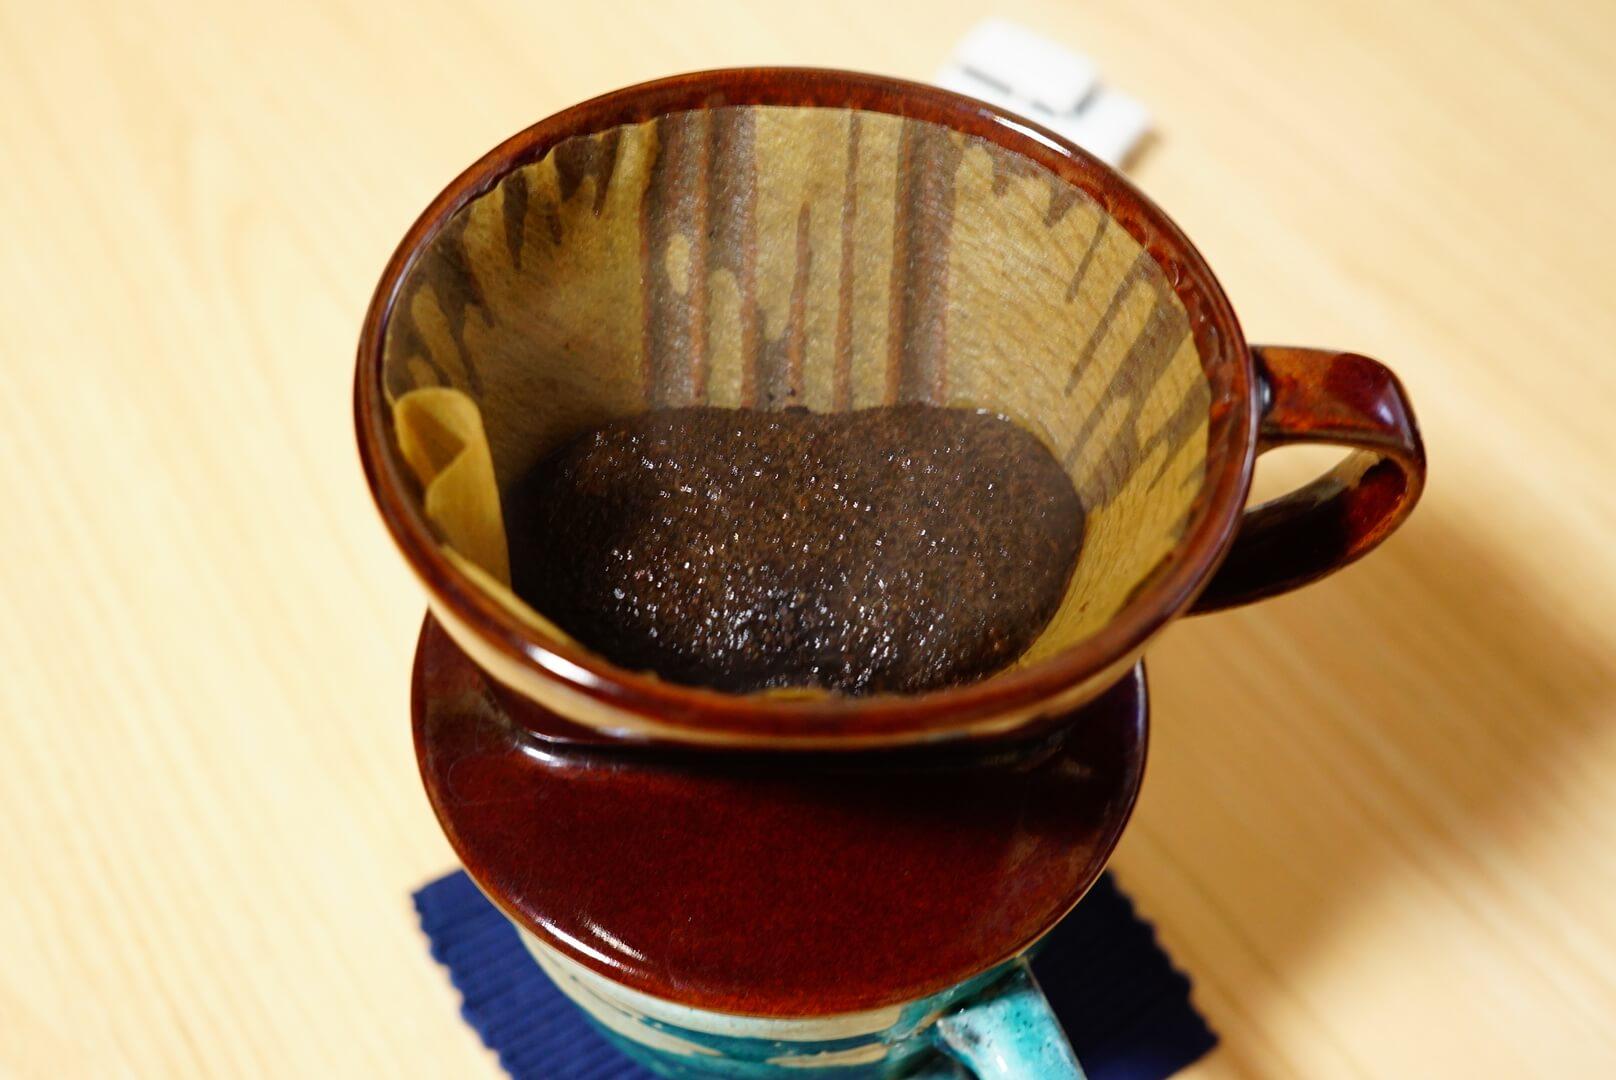 お湯を注いで膨らむコーヒー豆